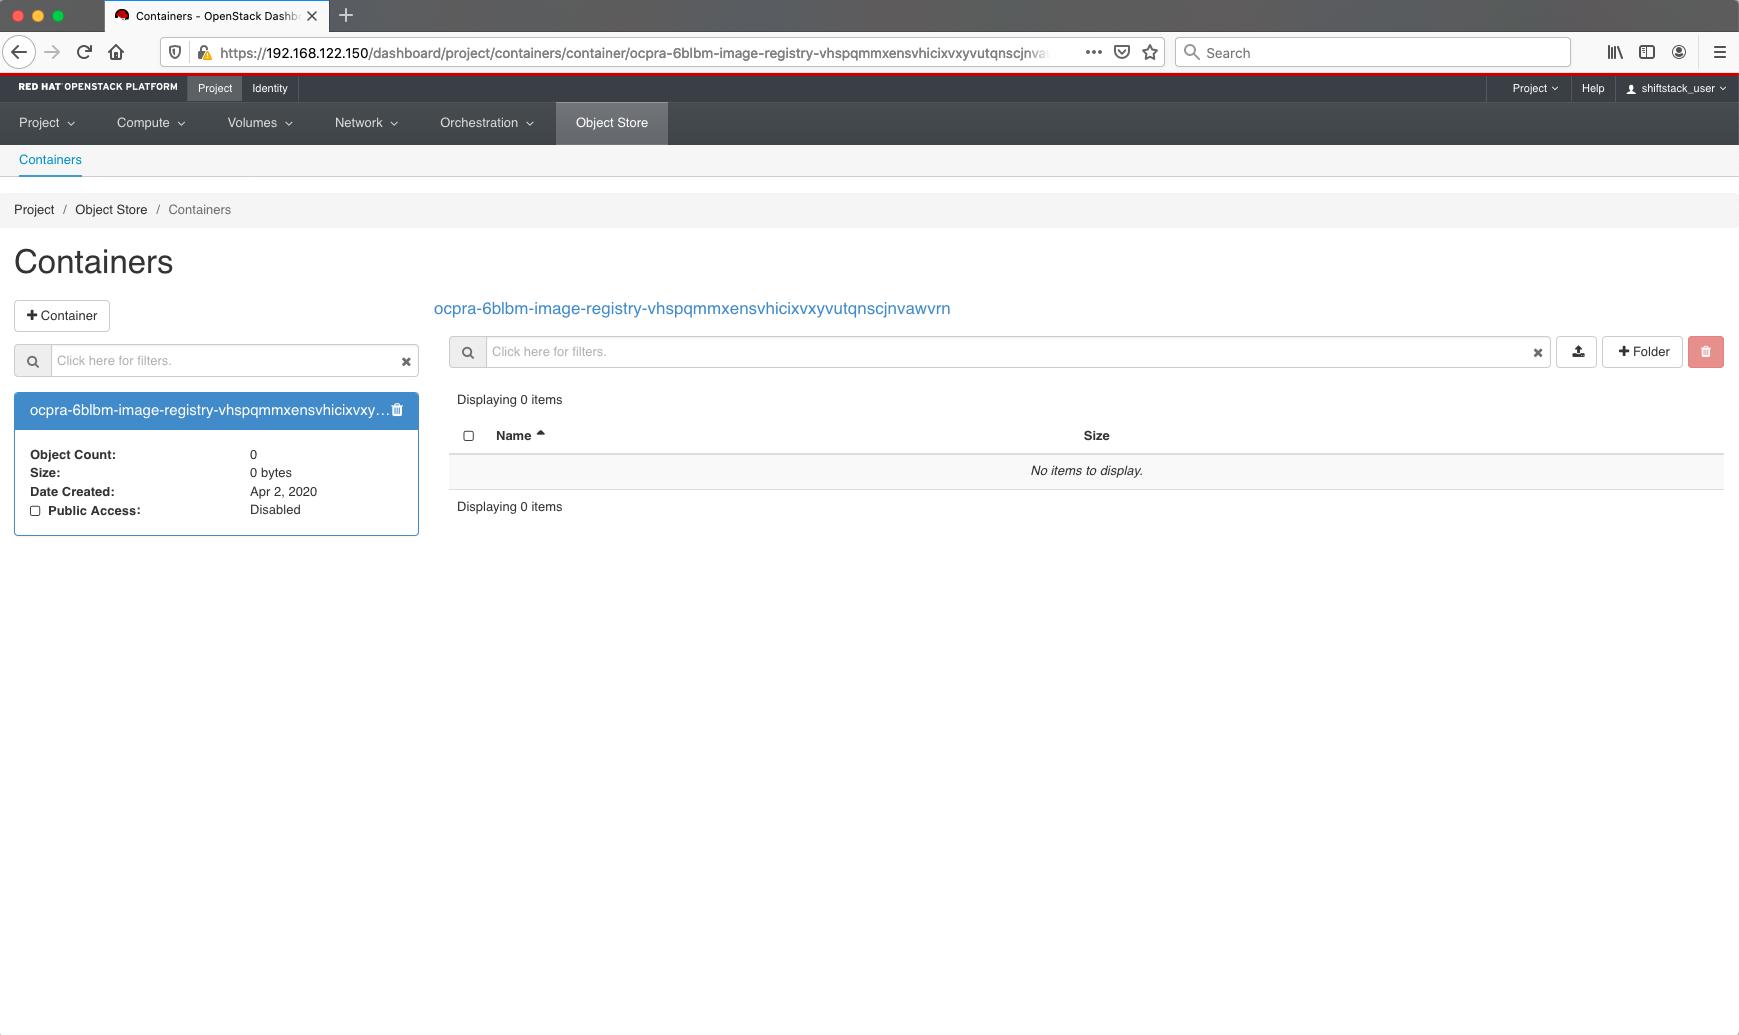 Object storage registry